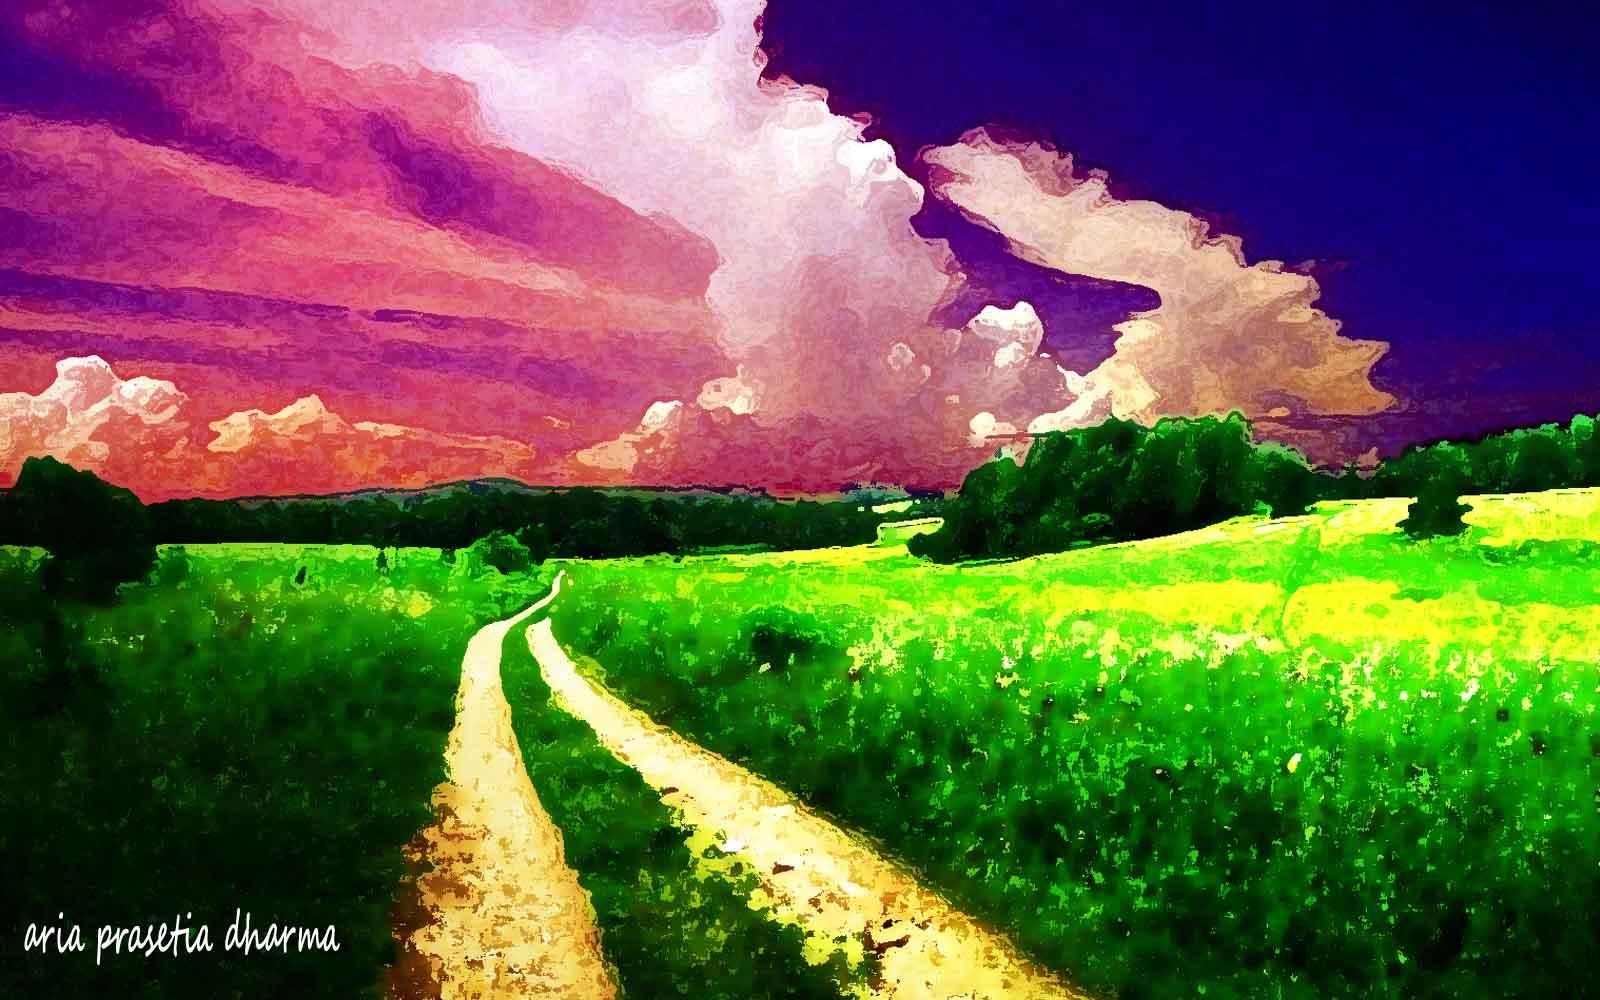 Membuat Lukisan Pemandangan Alam Dengan Photoshop CS3